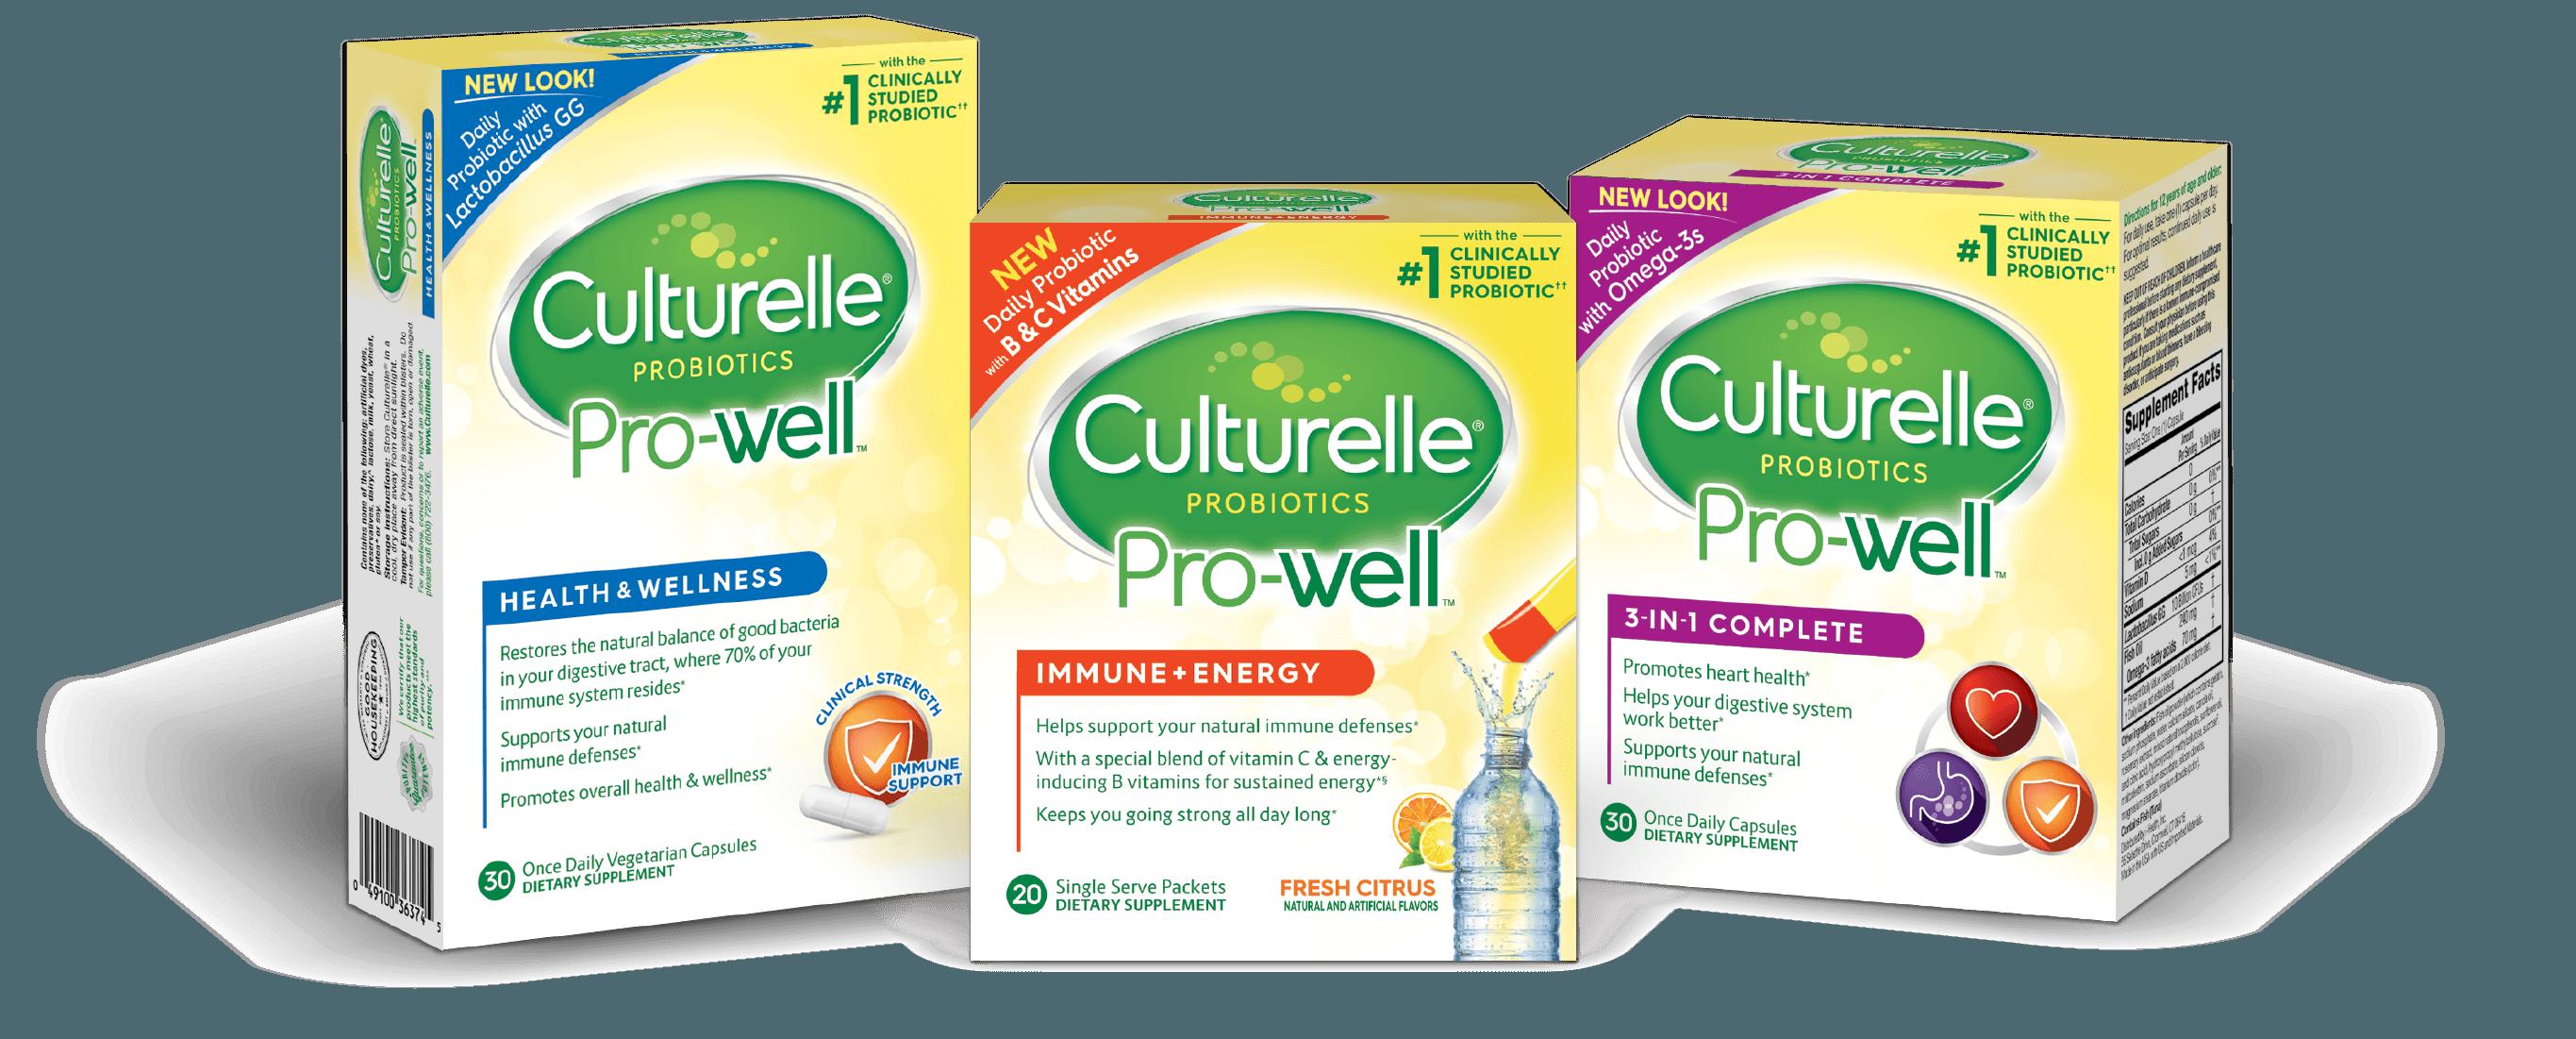 Culturelle® Pro-Well probiotics boxes